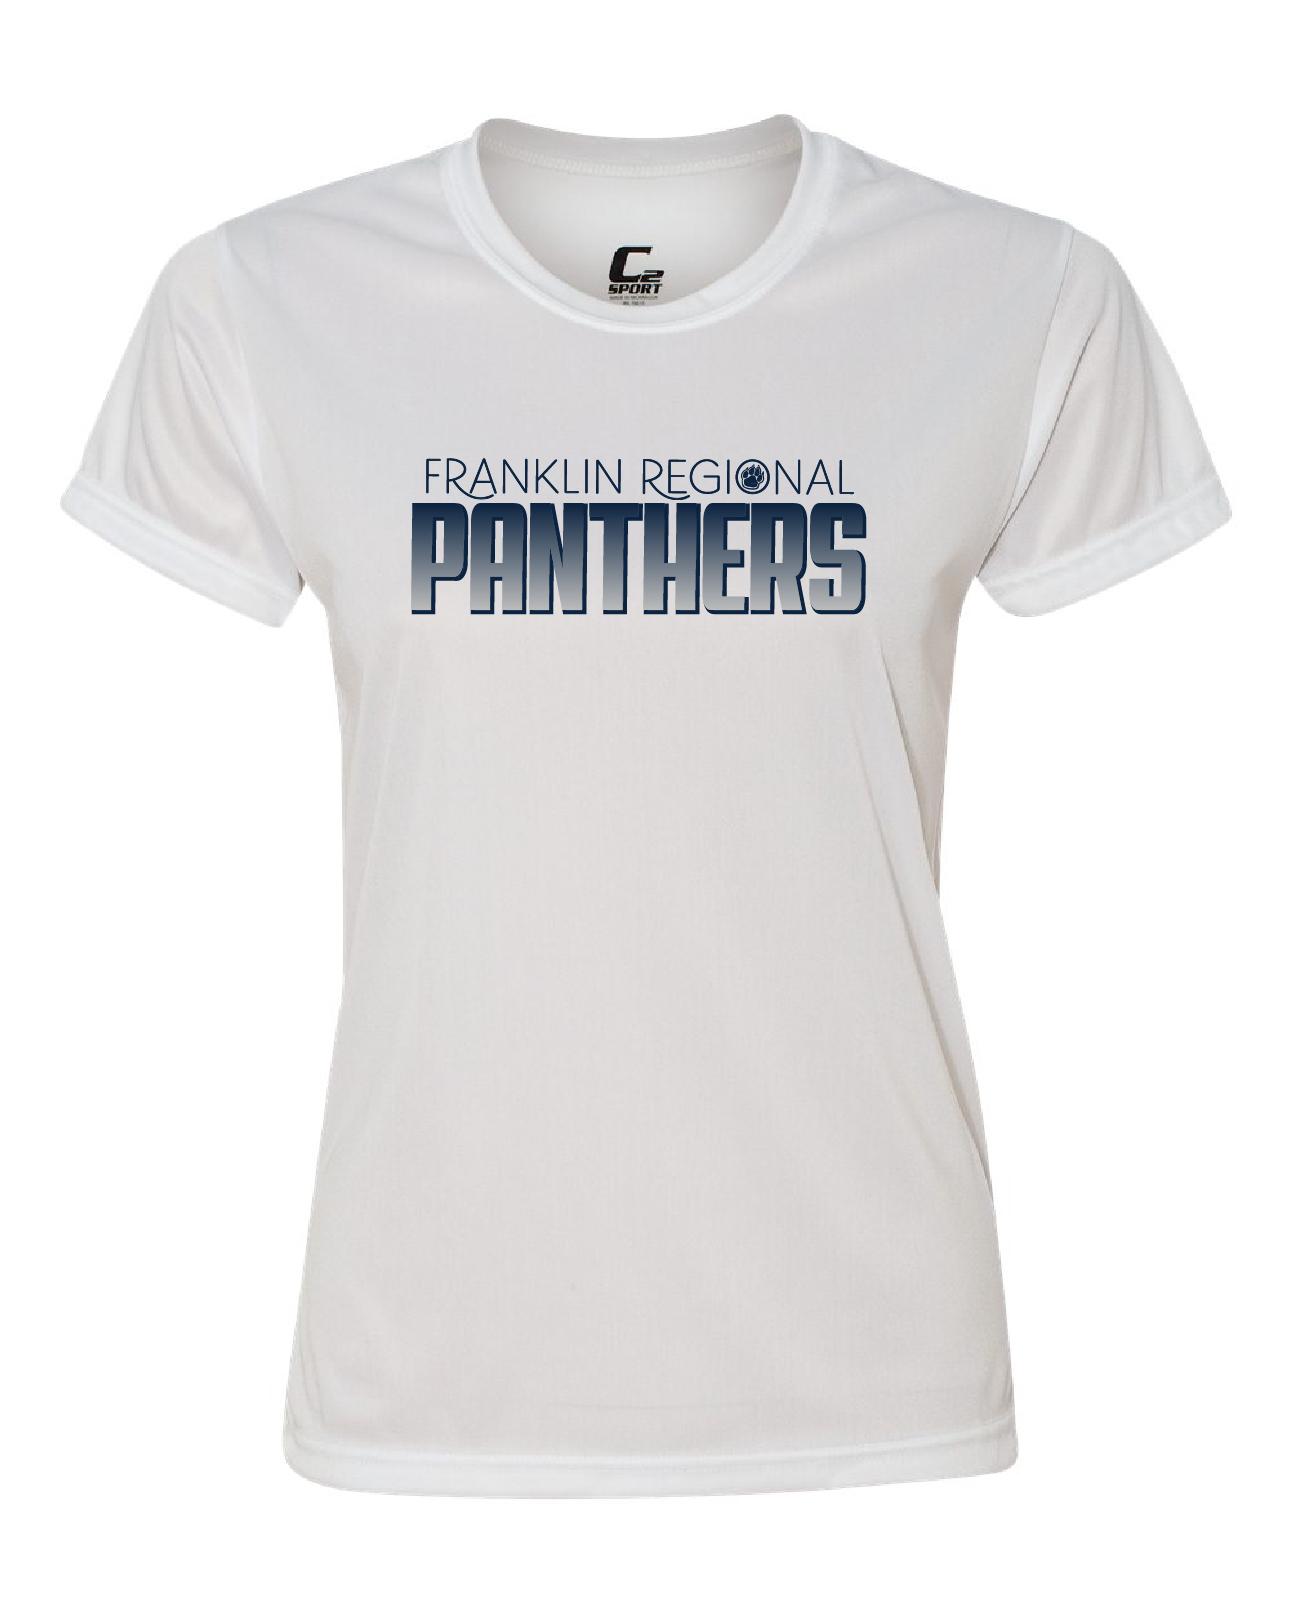 C2 Sport - Performance Women's Short Sleeve T-Shirt